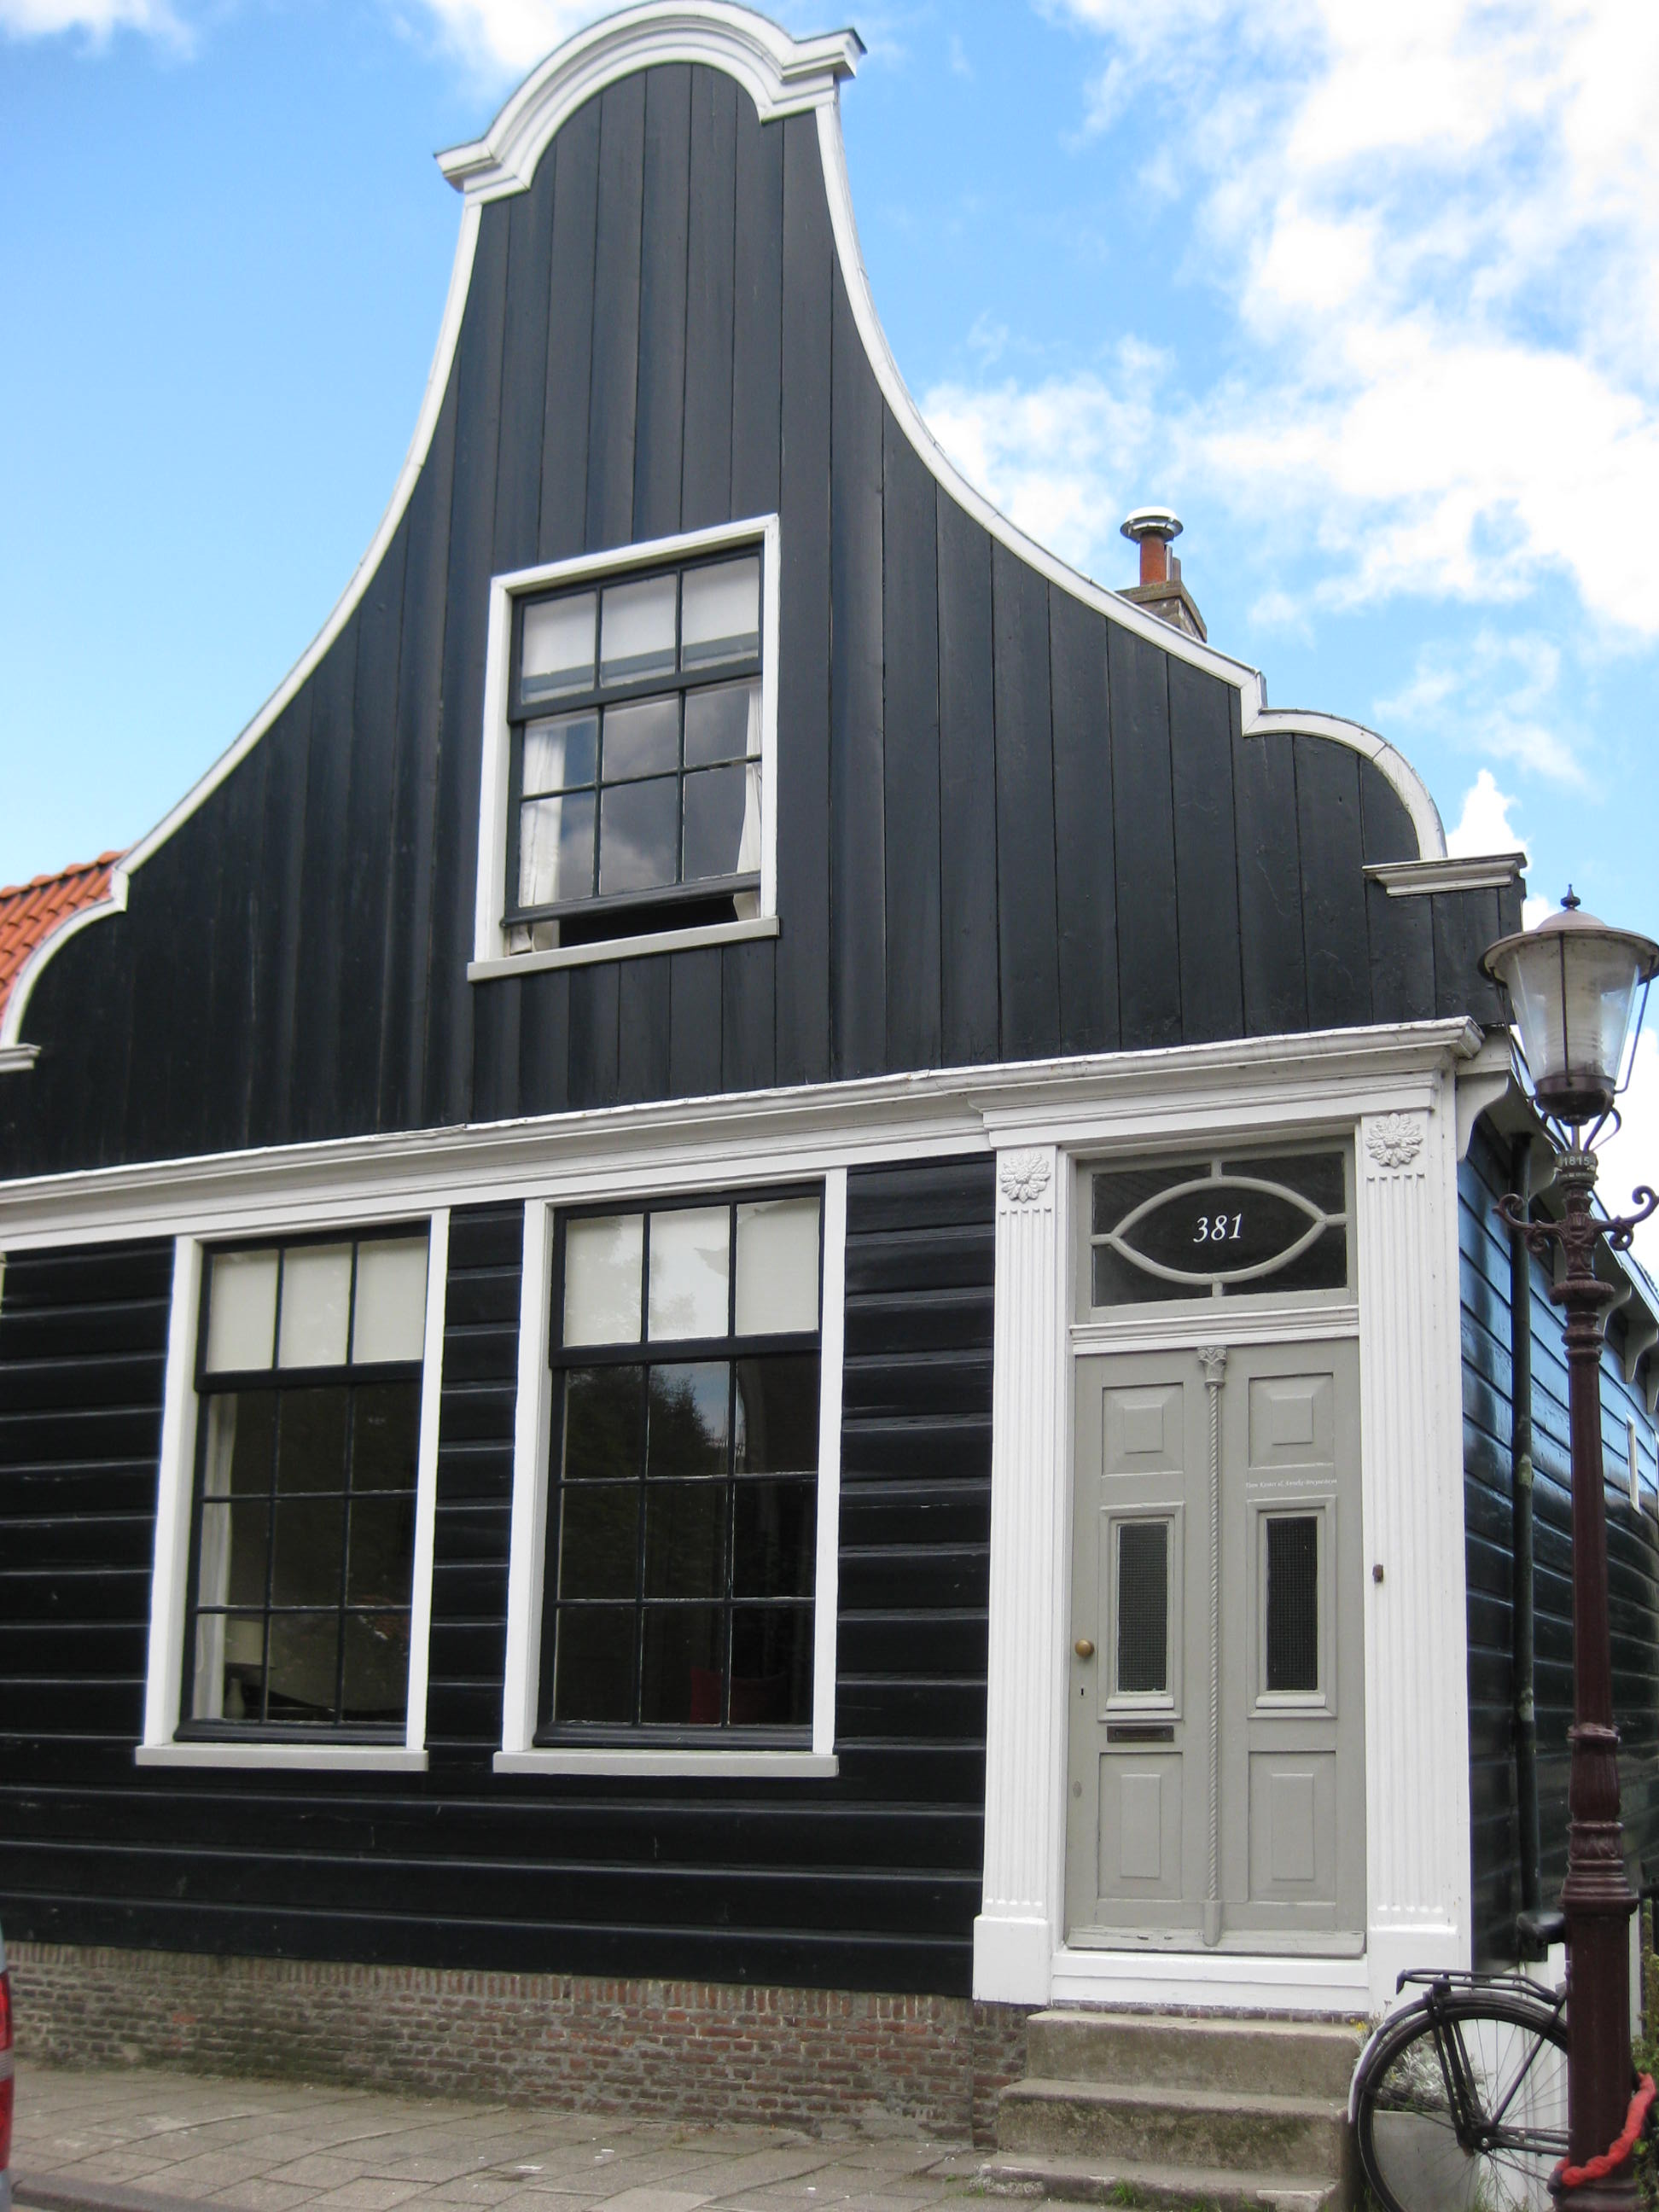 Houten huis met klokgevel uit en ingezwenkt voorschot onderpui in empirestijl in amsterdam for Hout huis